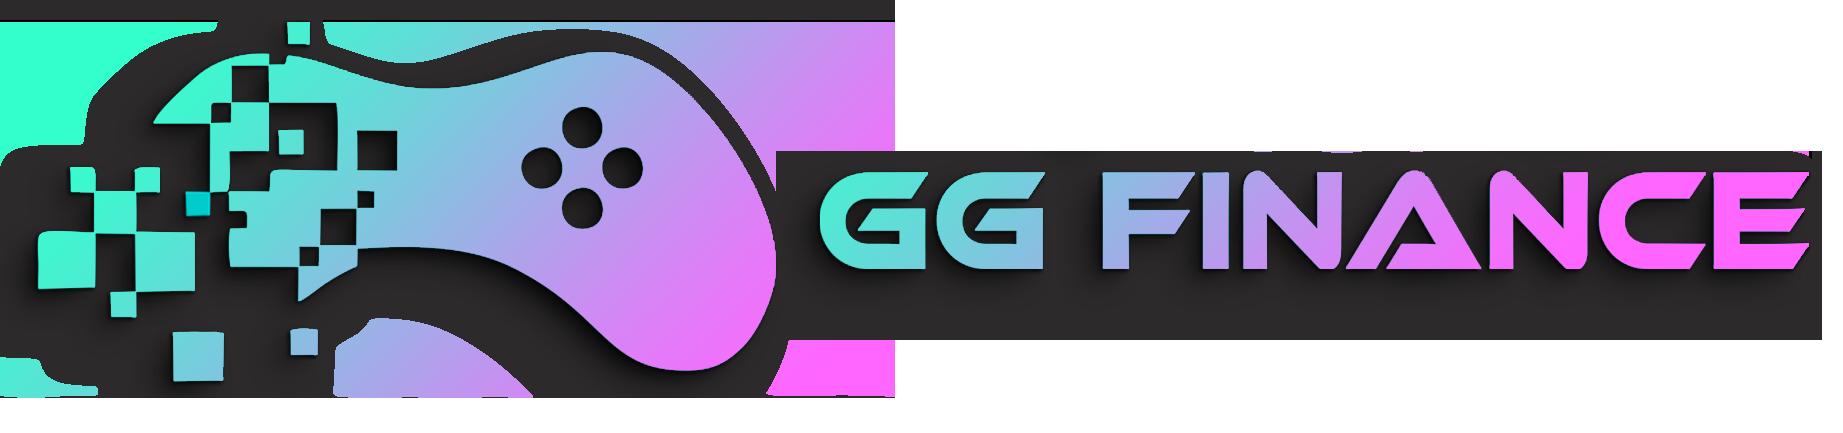 gg finance